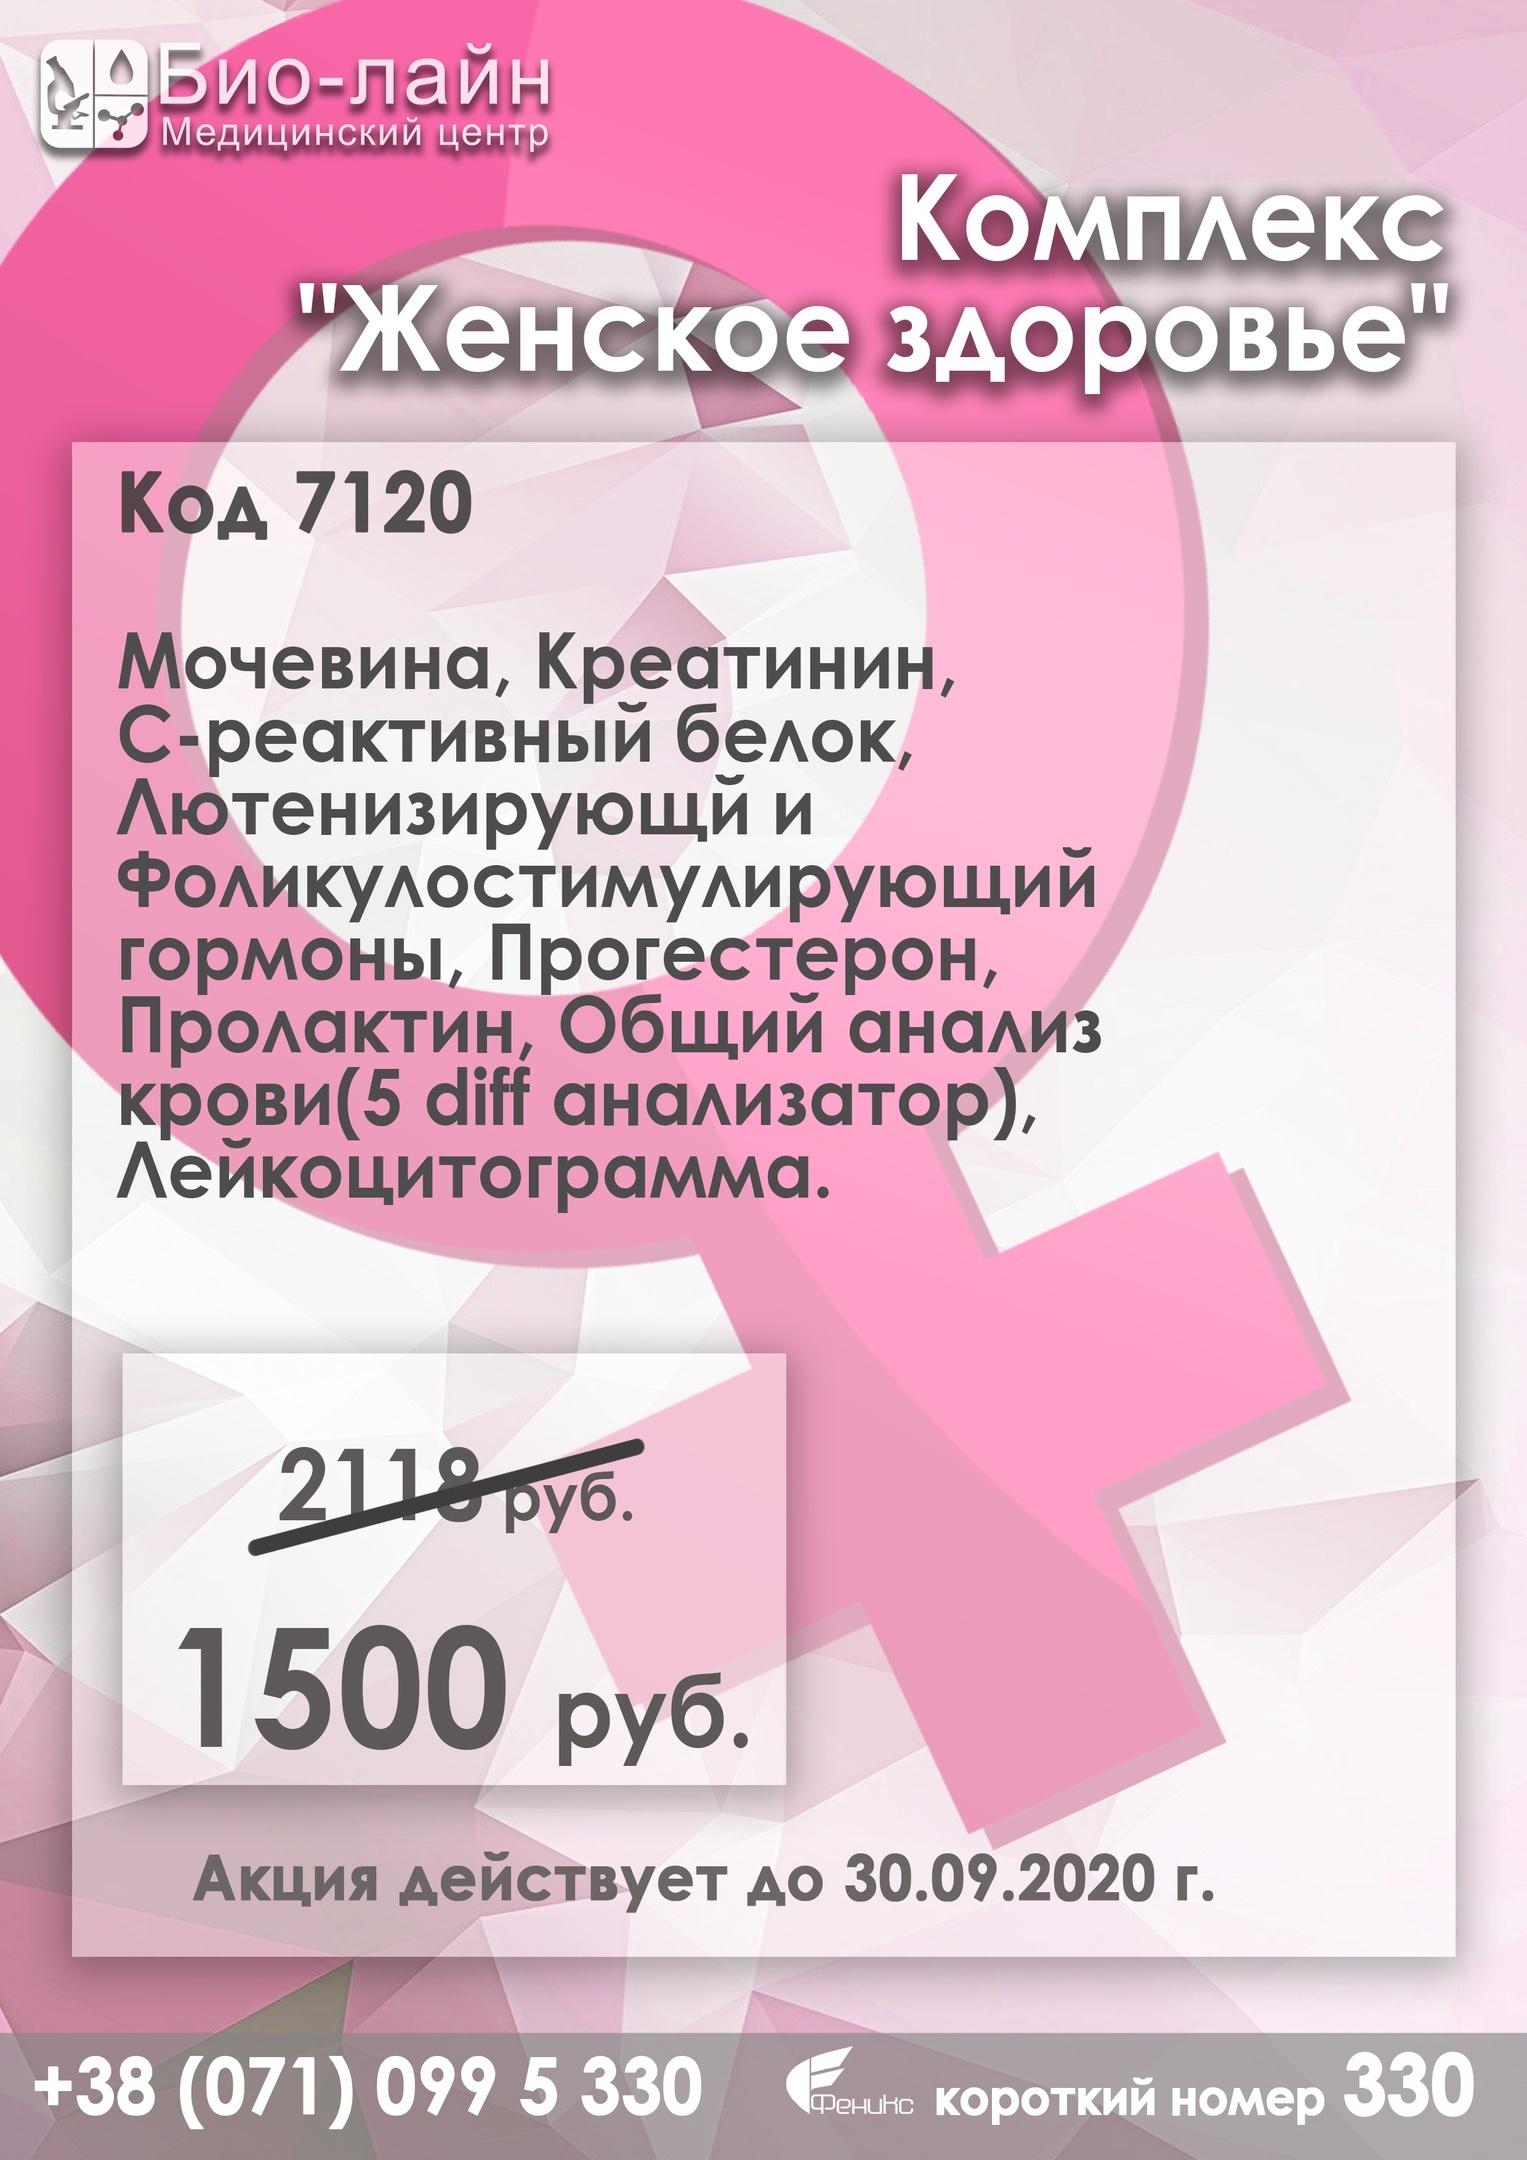 Медицинский центр Био-Лайн 5 i vazi2snvs